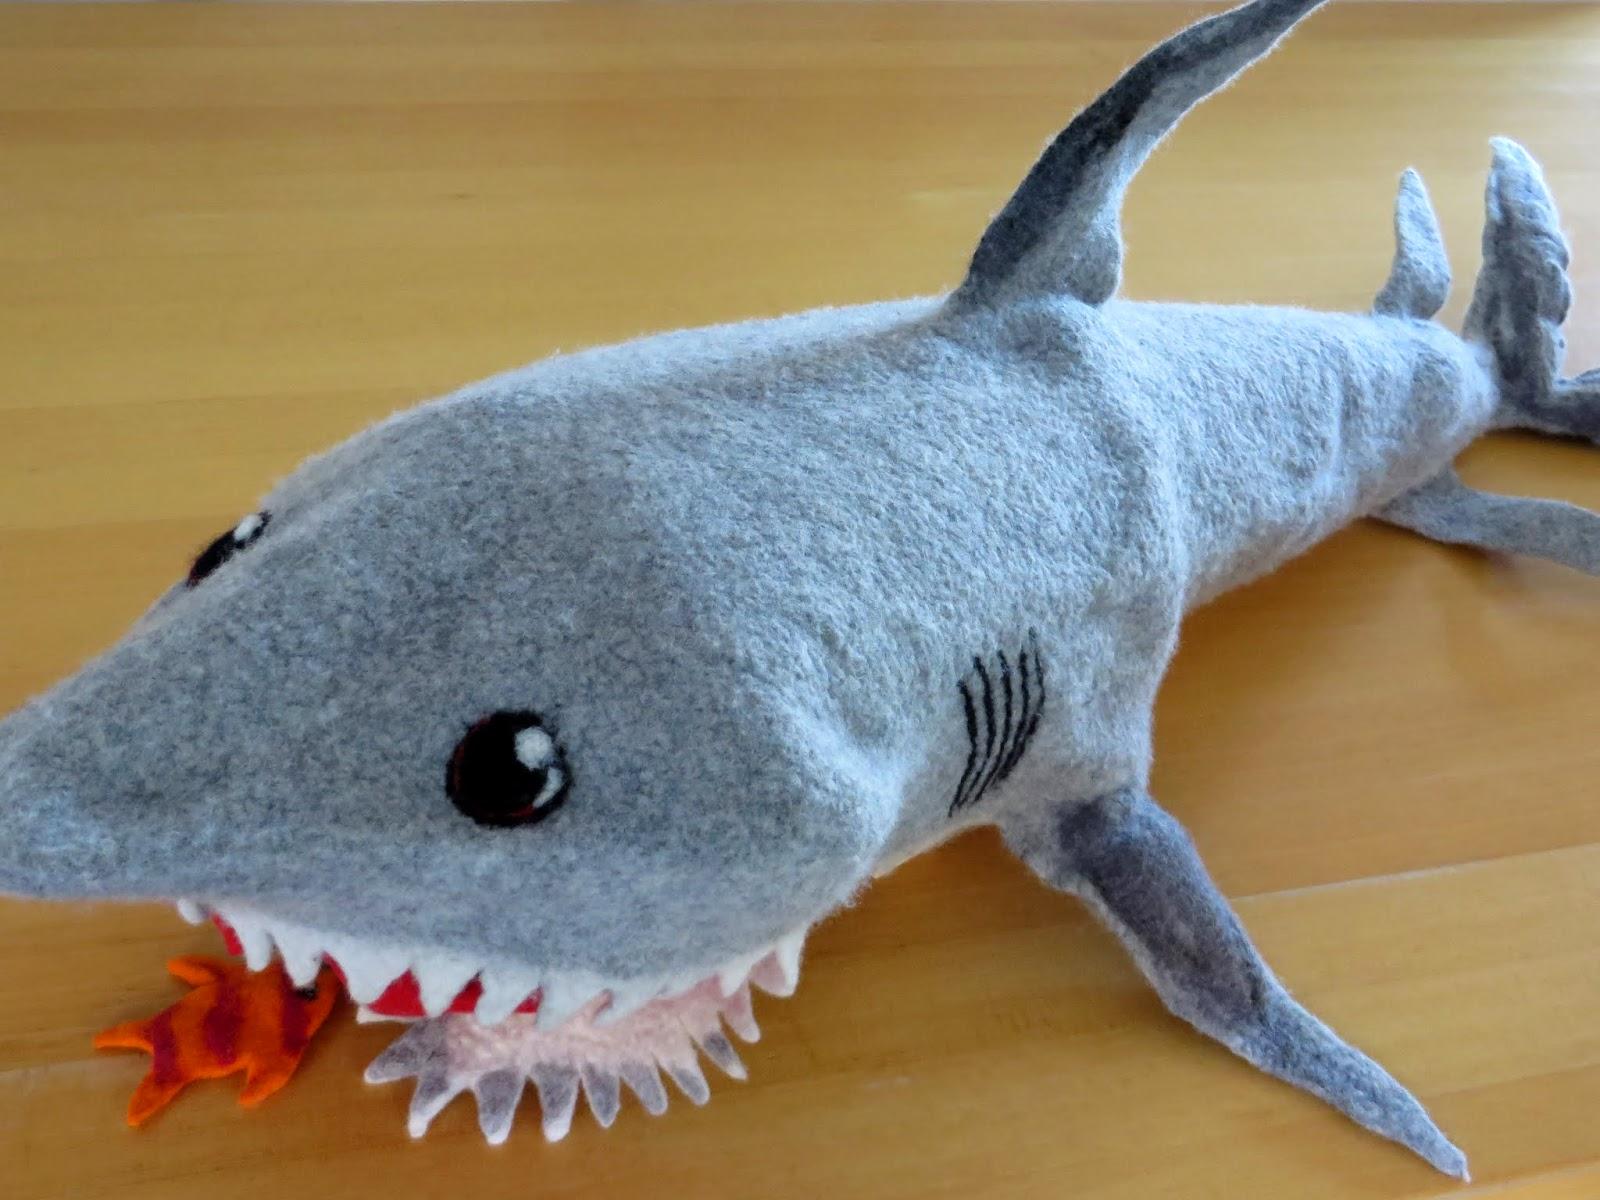 Aber Der Kleine Bruder Hat Sich Trotzdem Riesig über Den Schultütenhai  Gefreut. Und Das Tolle Daran Ist, Wir Werden Den Hai Ausstopfen Und Dann  Kann Man Mit ...